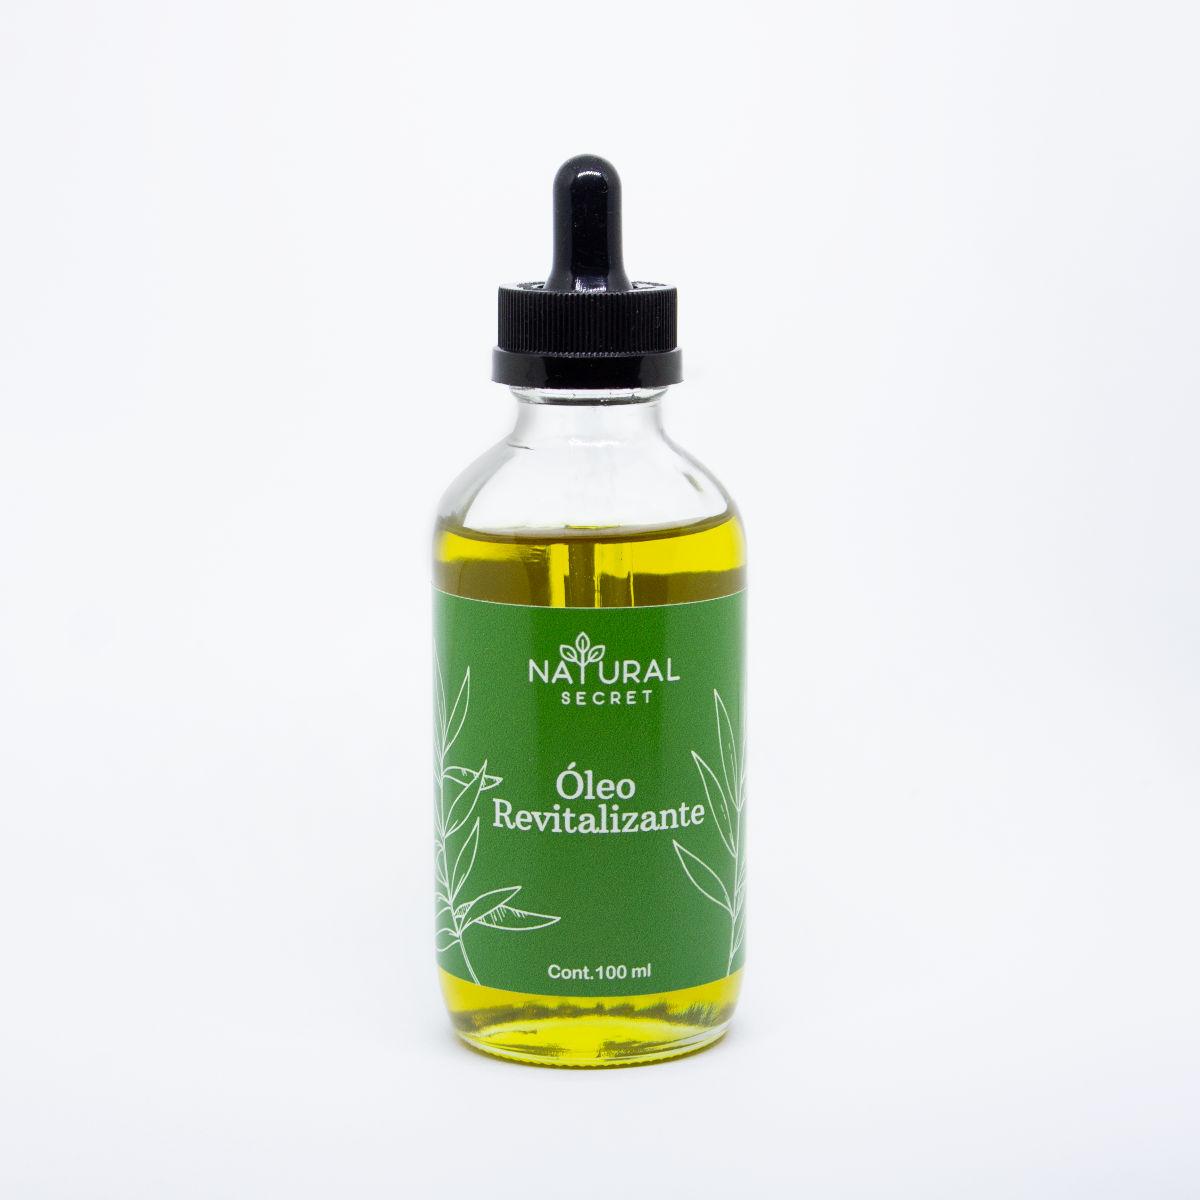 Oleo Revitalizante